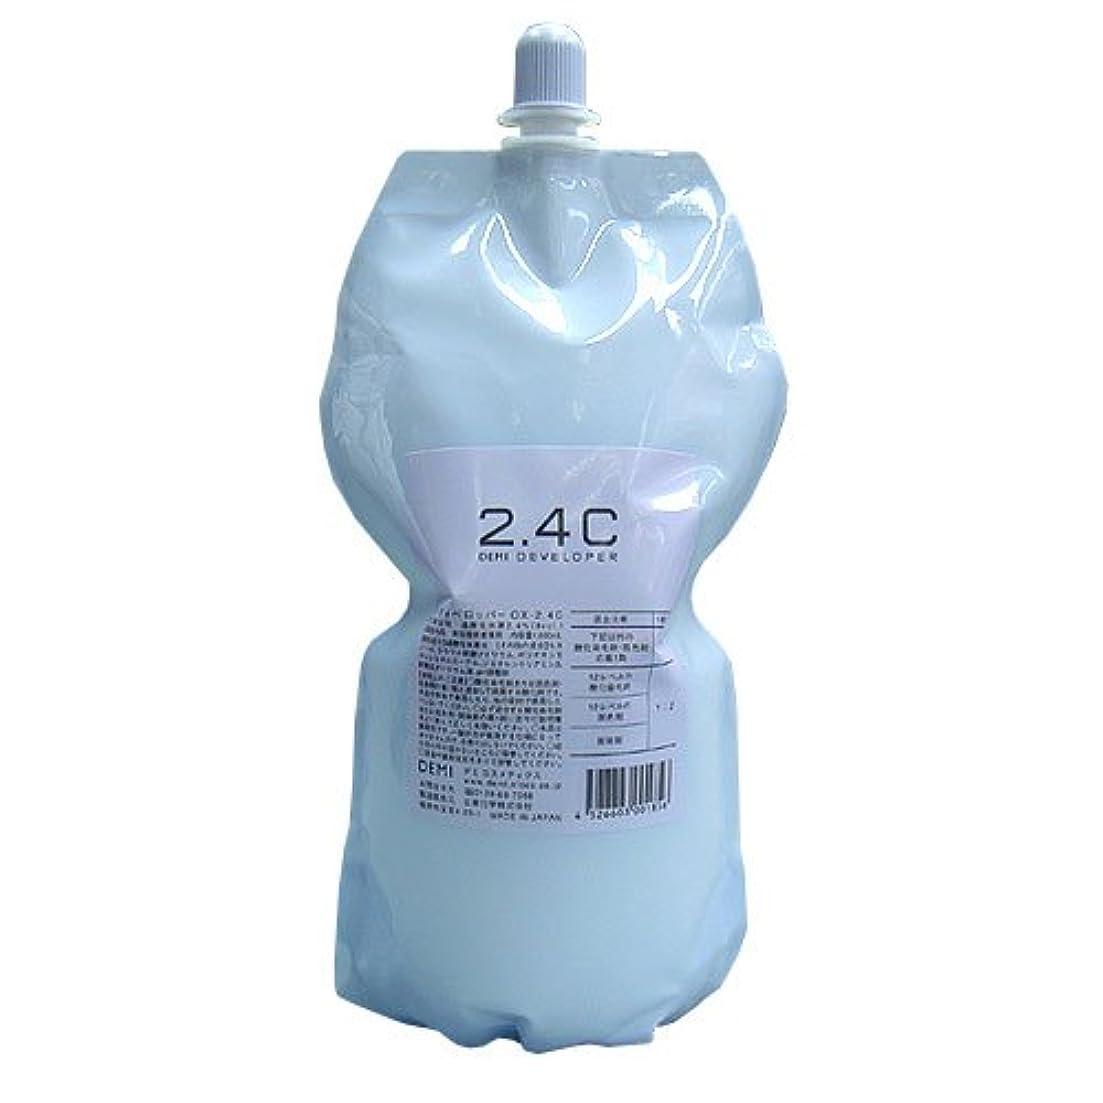 デミ ディベロッパー1000ml(レフィル) 2.4%【ヘアカラー2剤】【業務用】【医薬部外品】